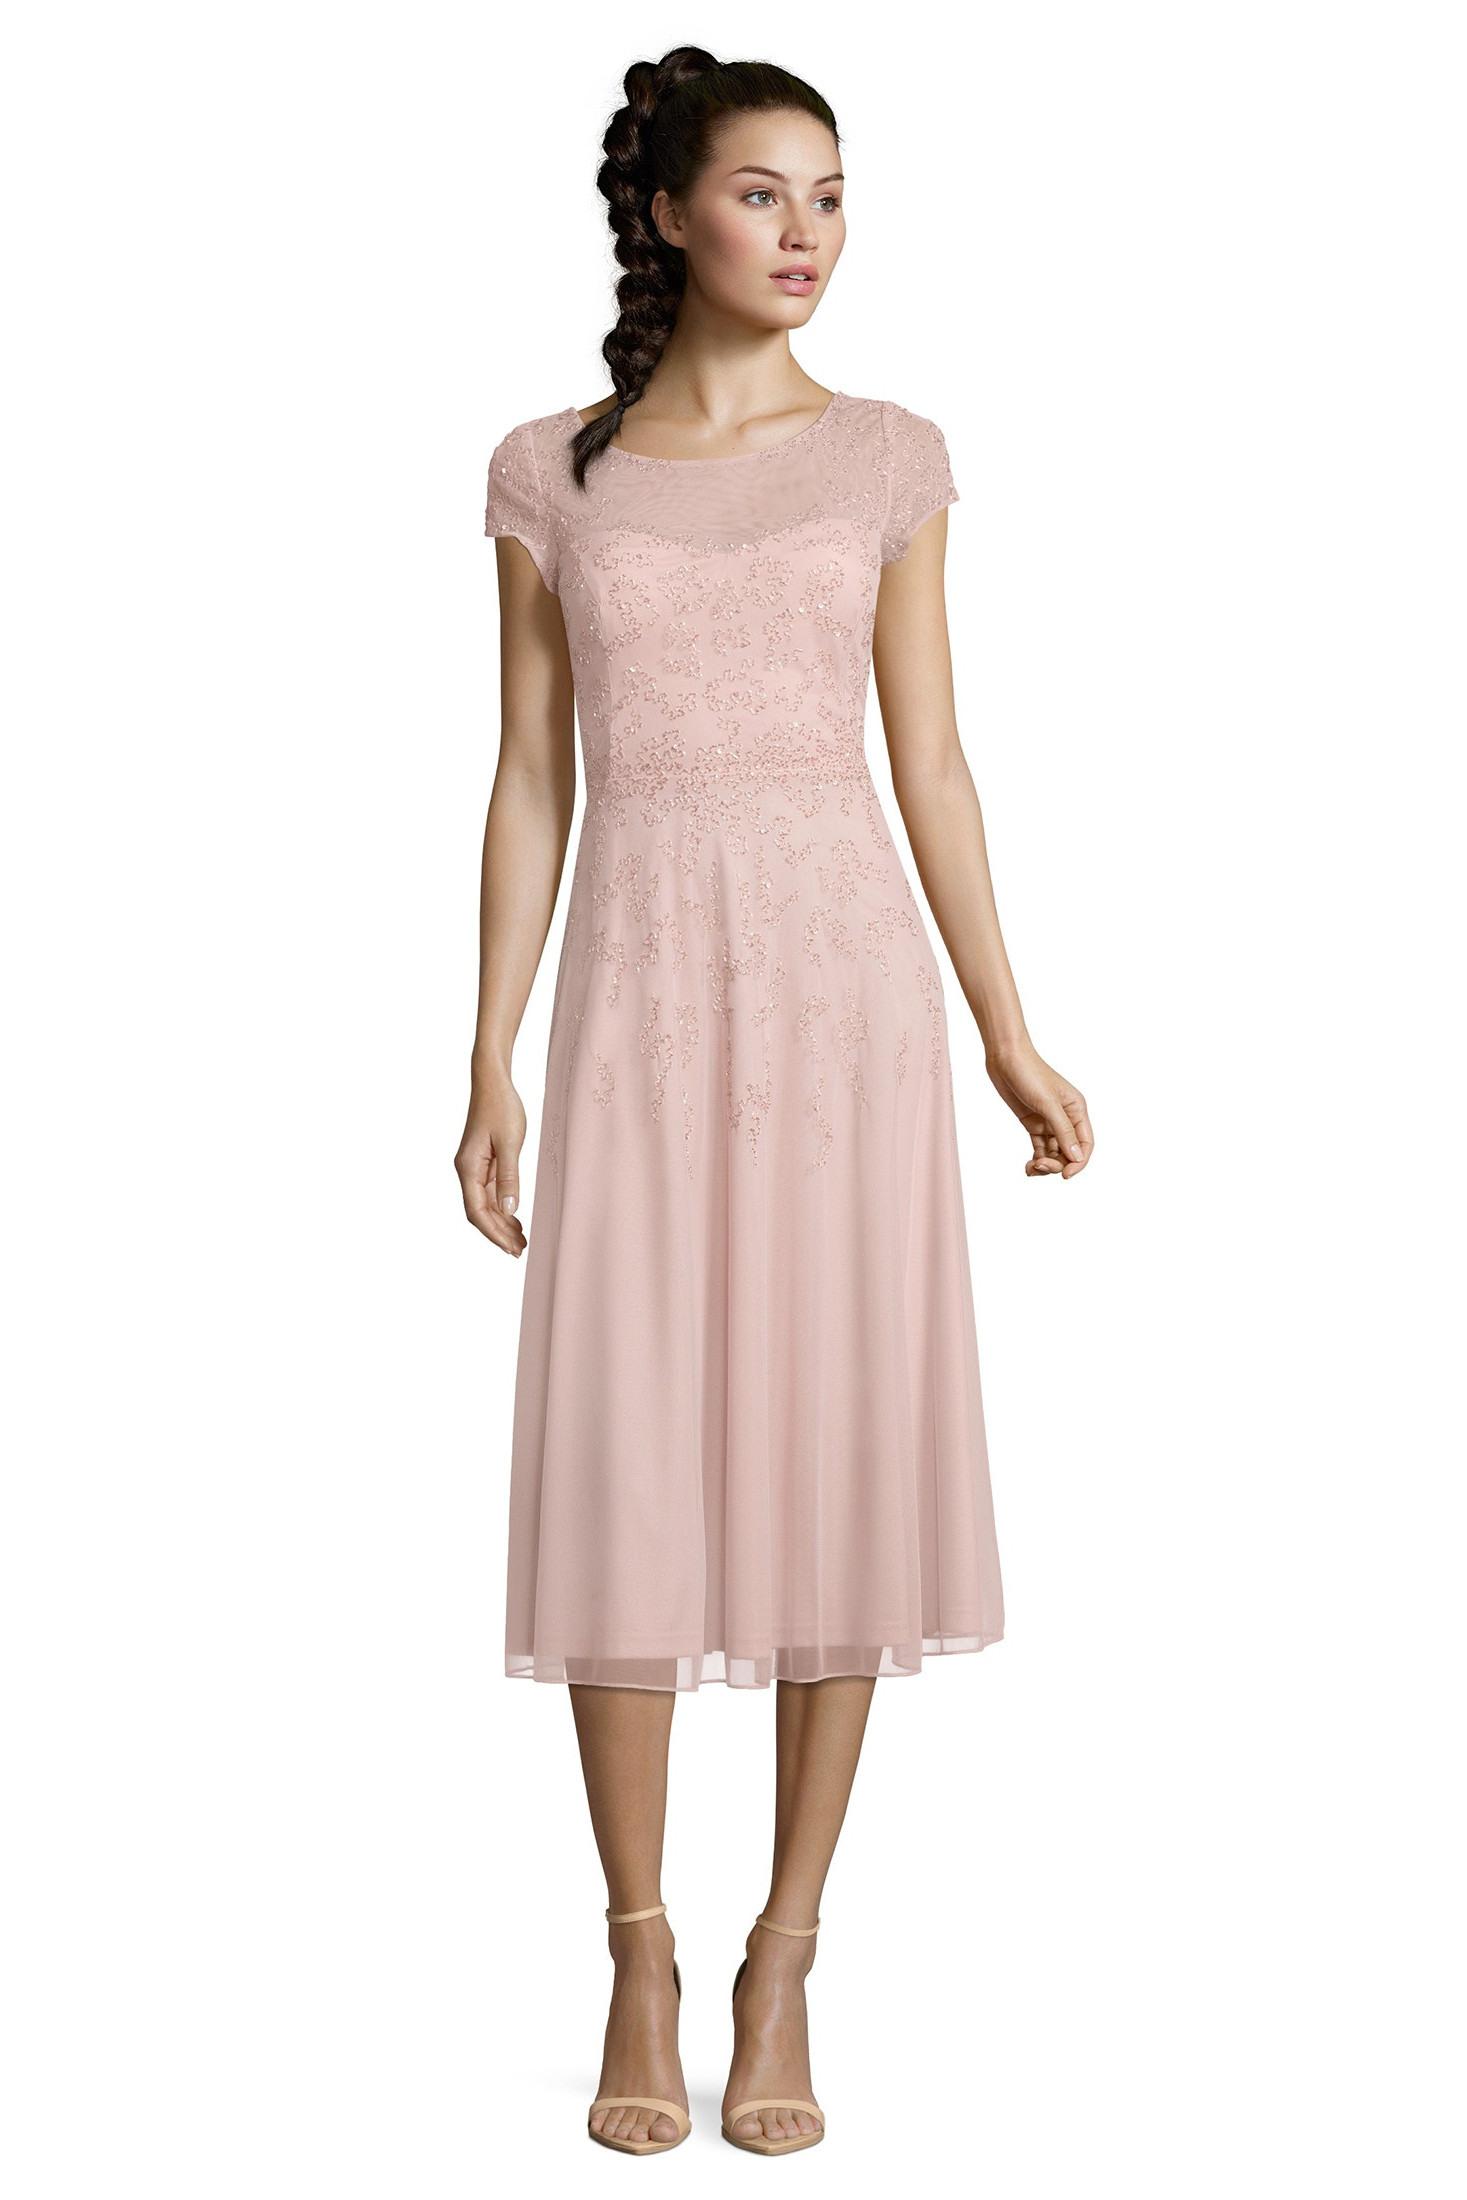 15 Cool Kleid Festlich Midi Galerie17 Einfach Kleid Festlich Midi Boutique